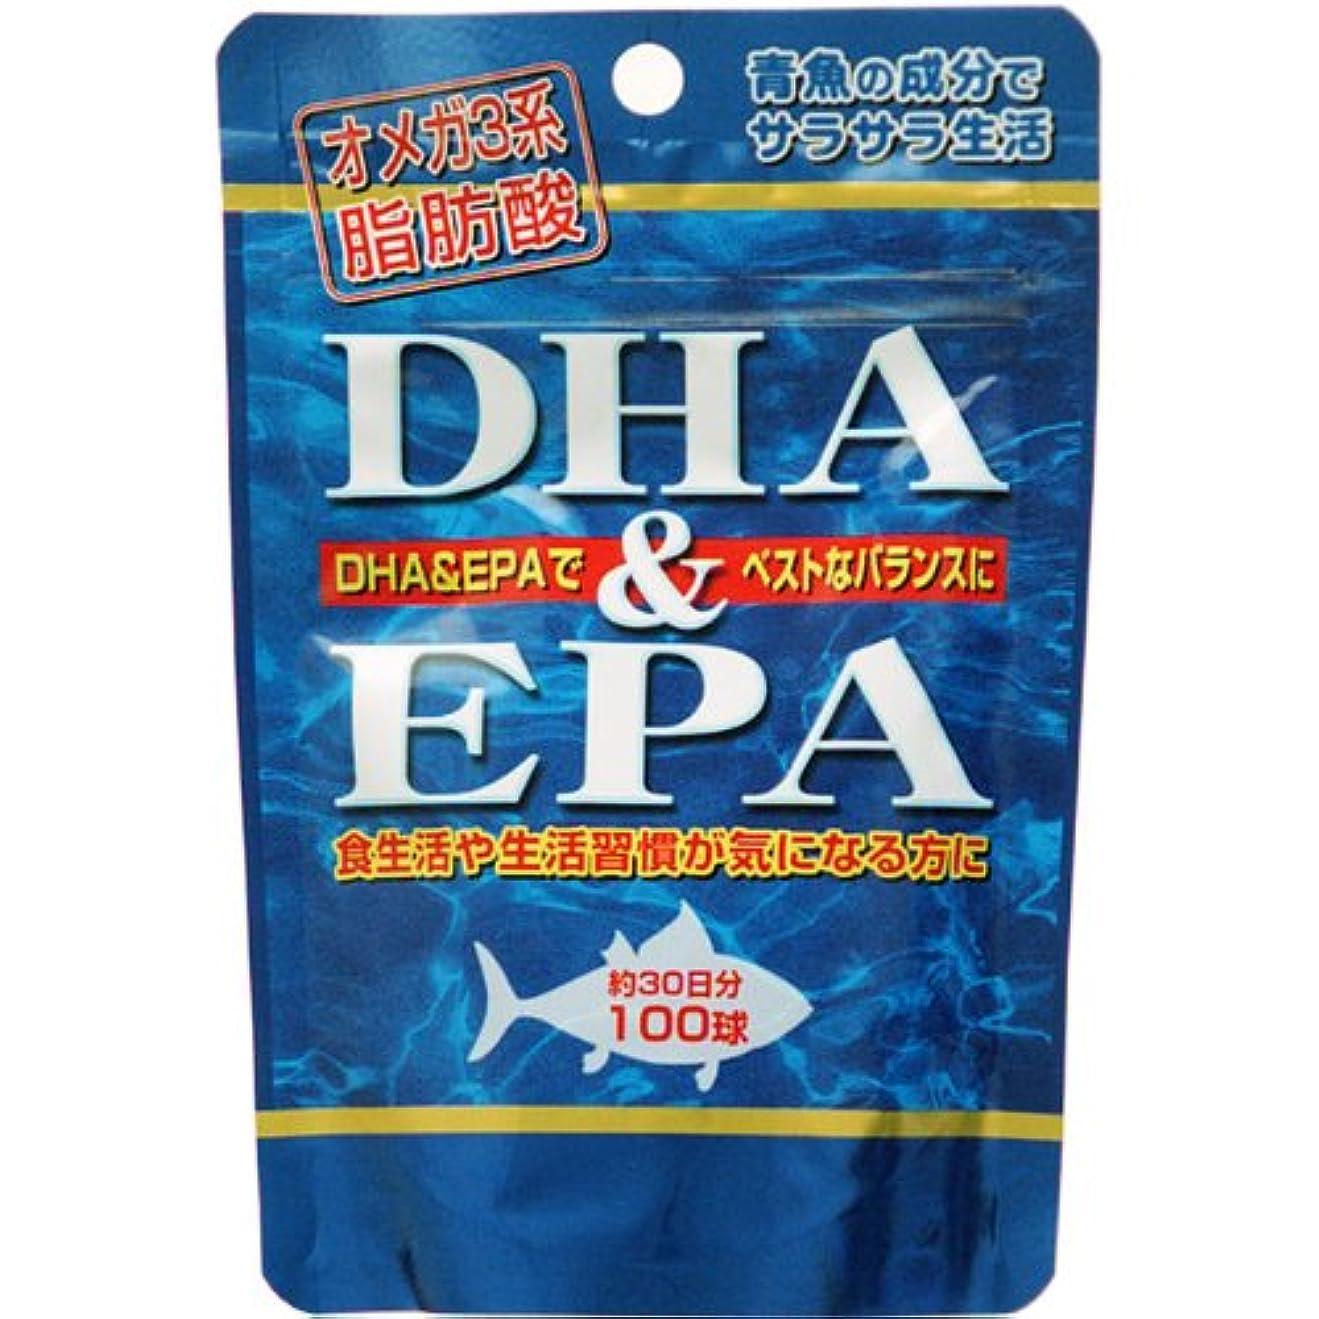 可塑性想定記念碑DHA(ドコサヘキサエン酸)&EPA(エイコサペンタエン酸)×6